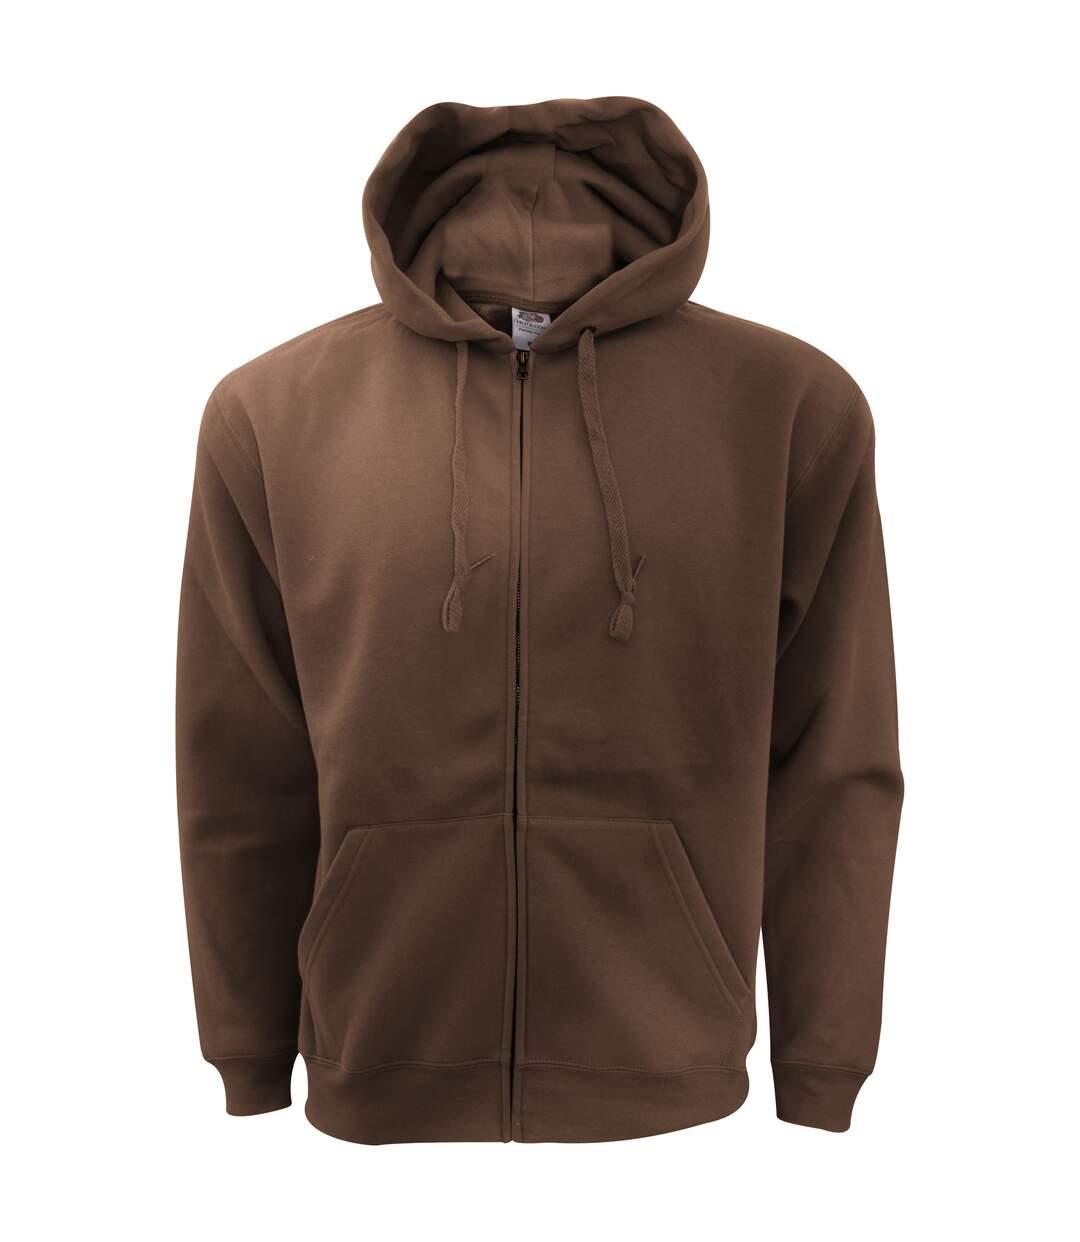 Fruit Of The Loom Mens Zip Through Hooded Sweatshirt / Hoodie (Classic Olive) - UTBC360